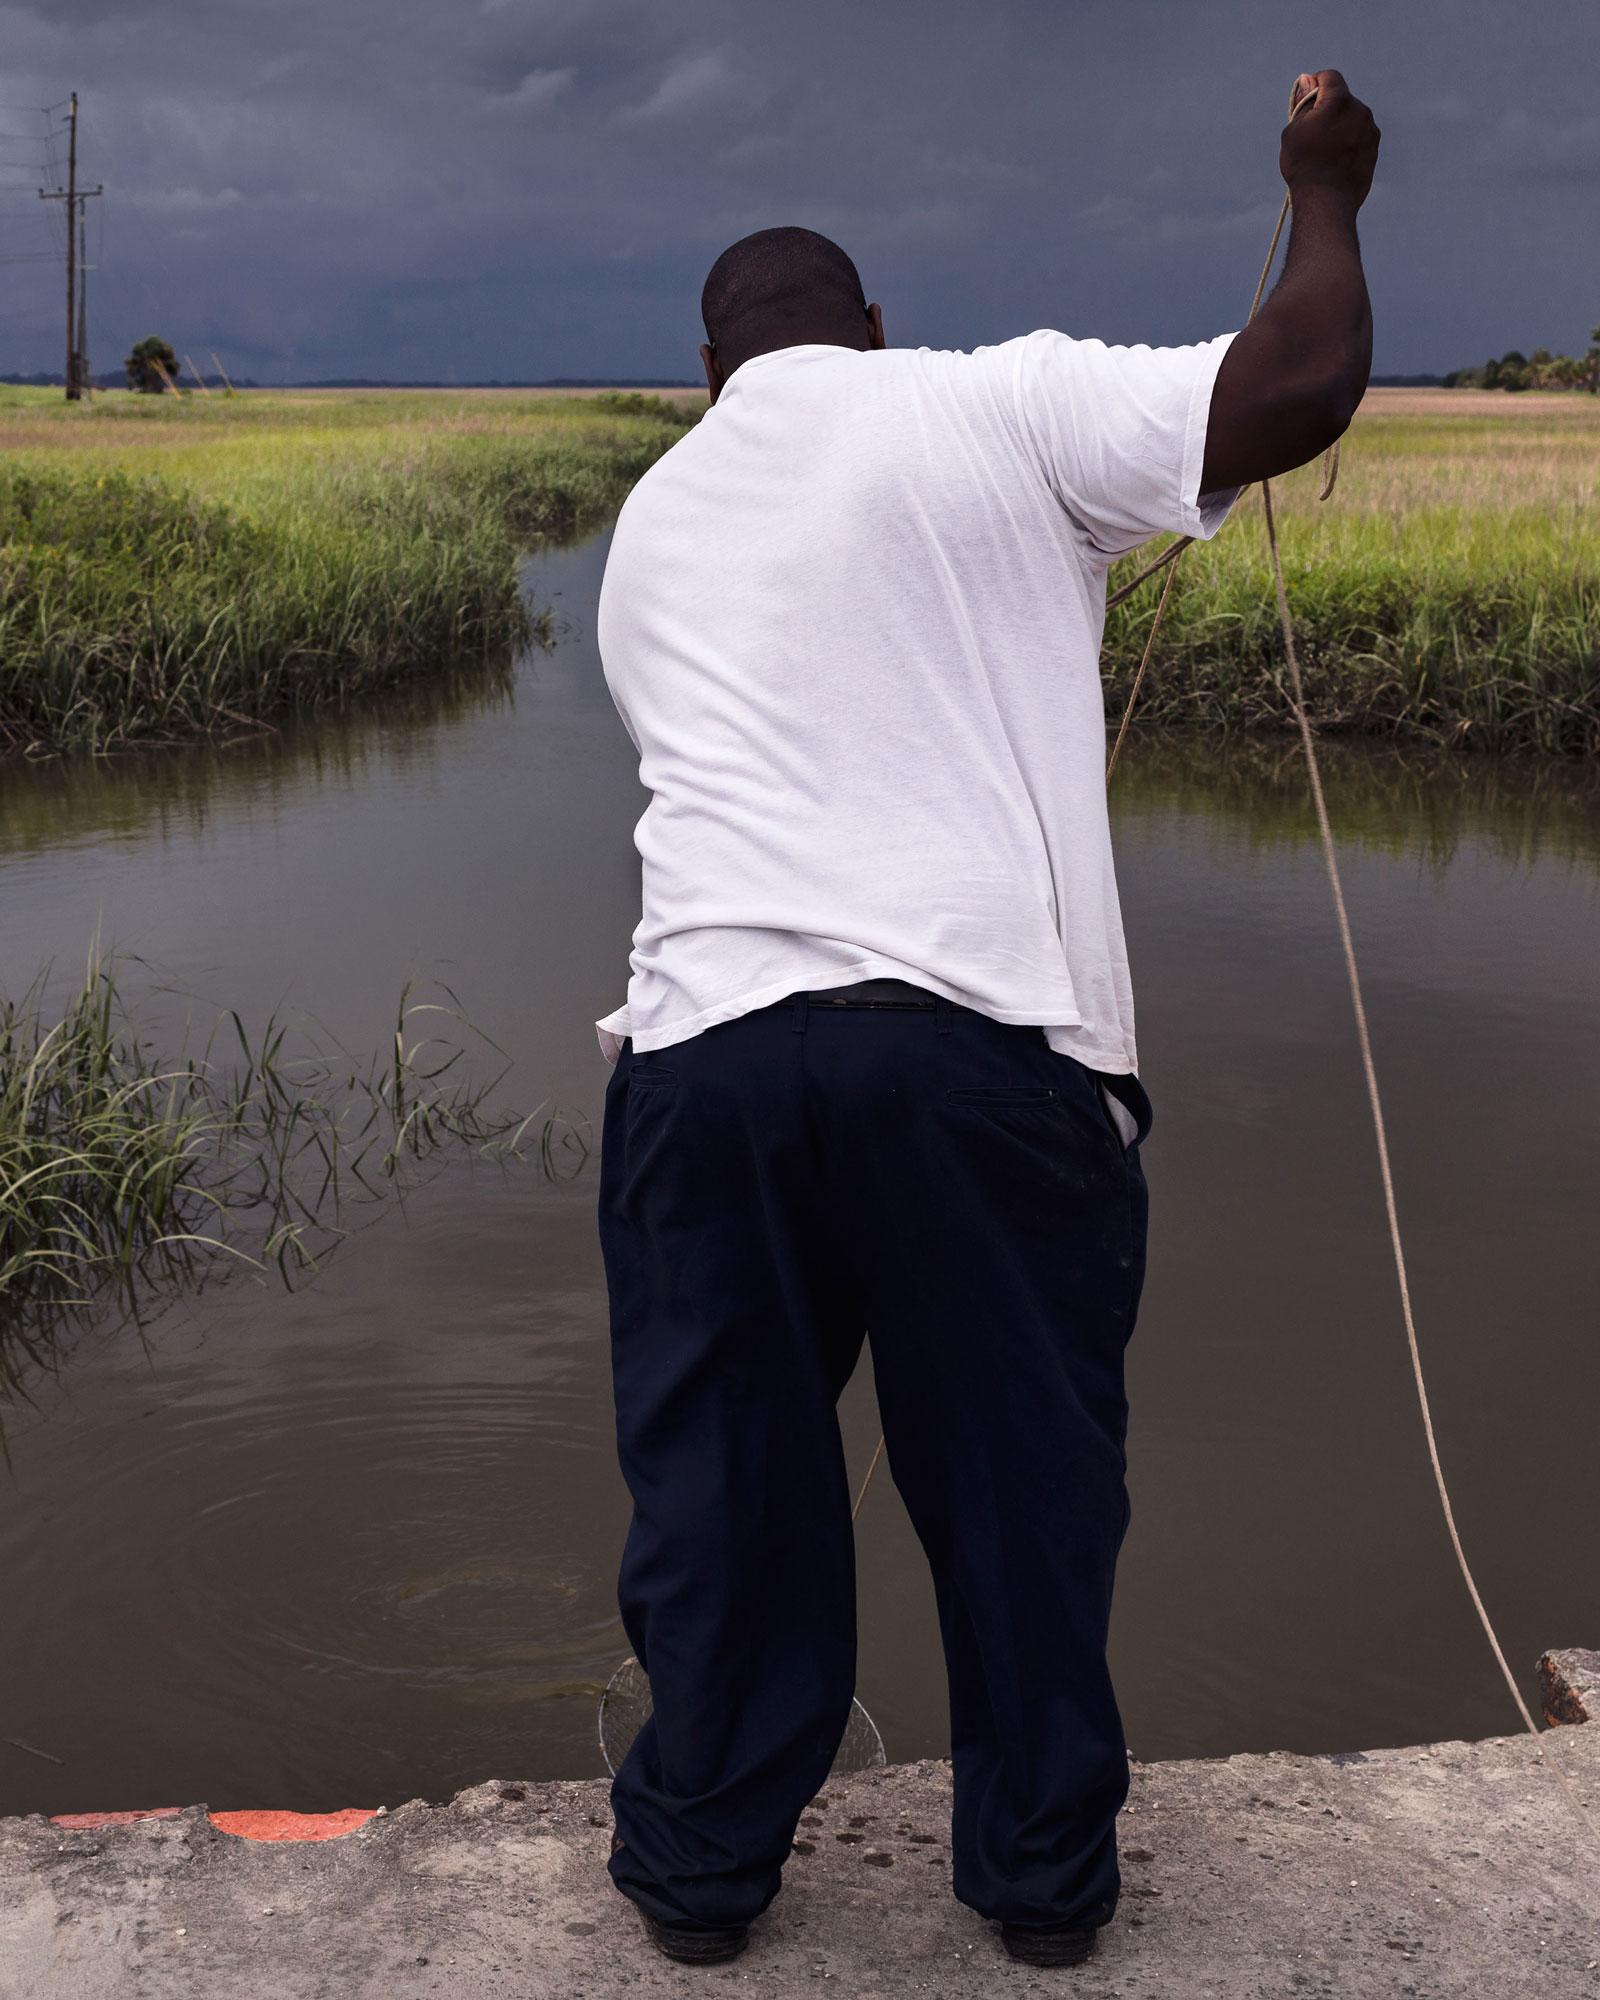 floodzone9